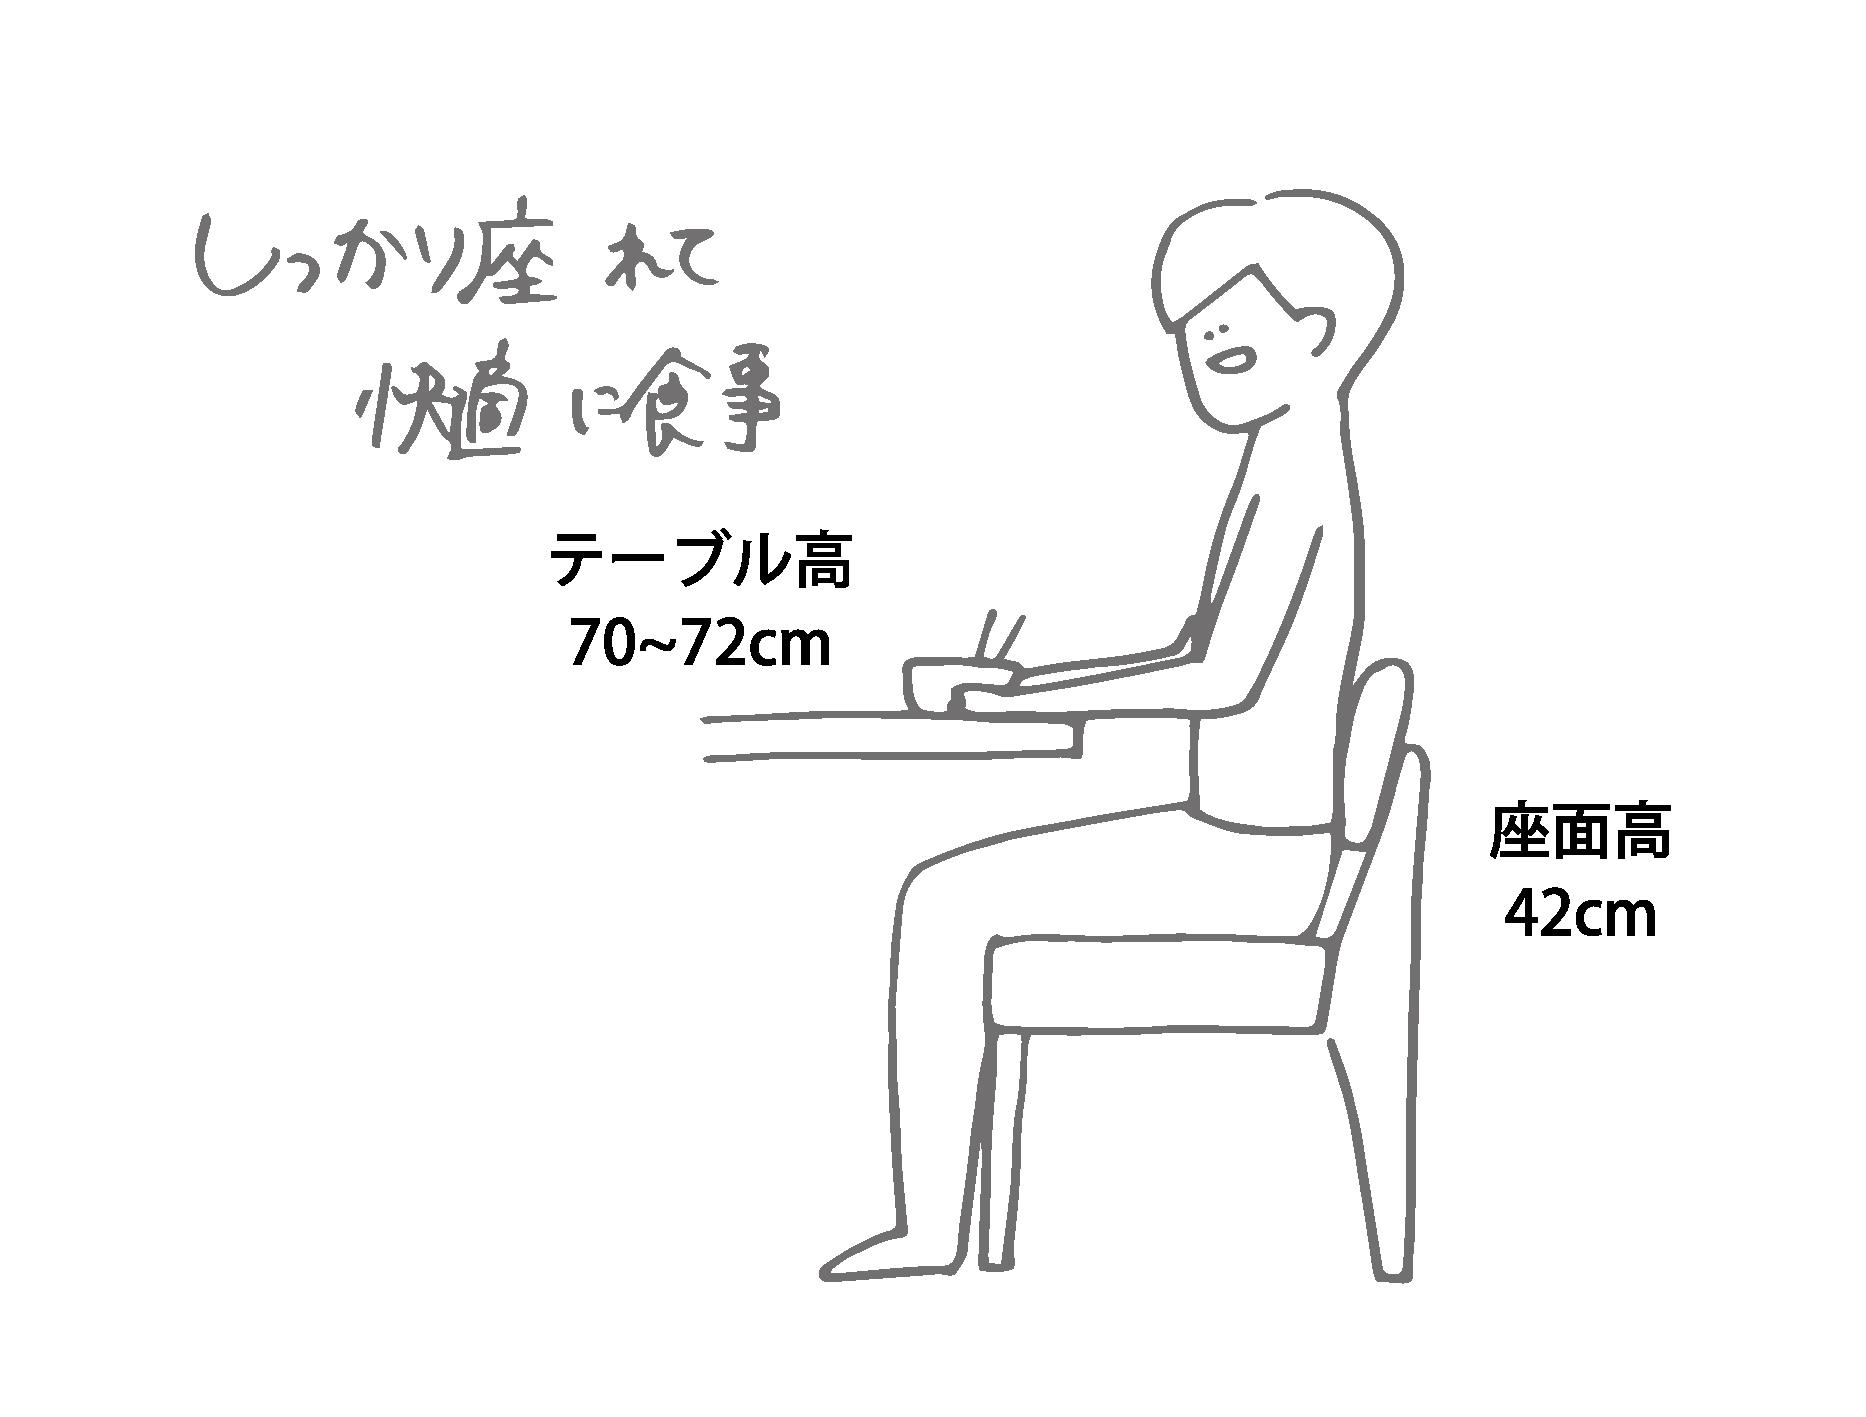 テーブルと椅子の高さ関係 / 飛行船スタイル